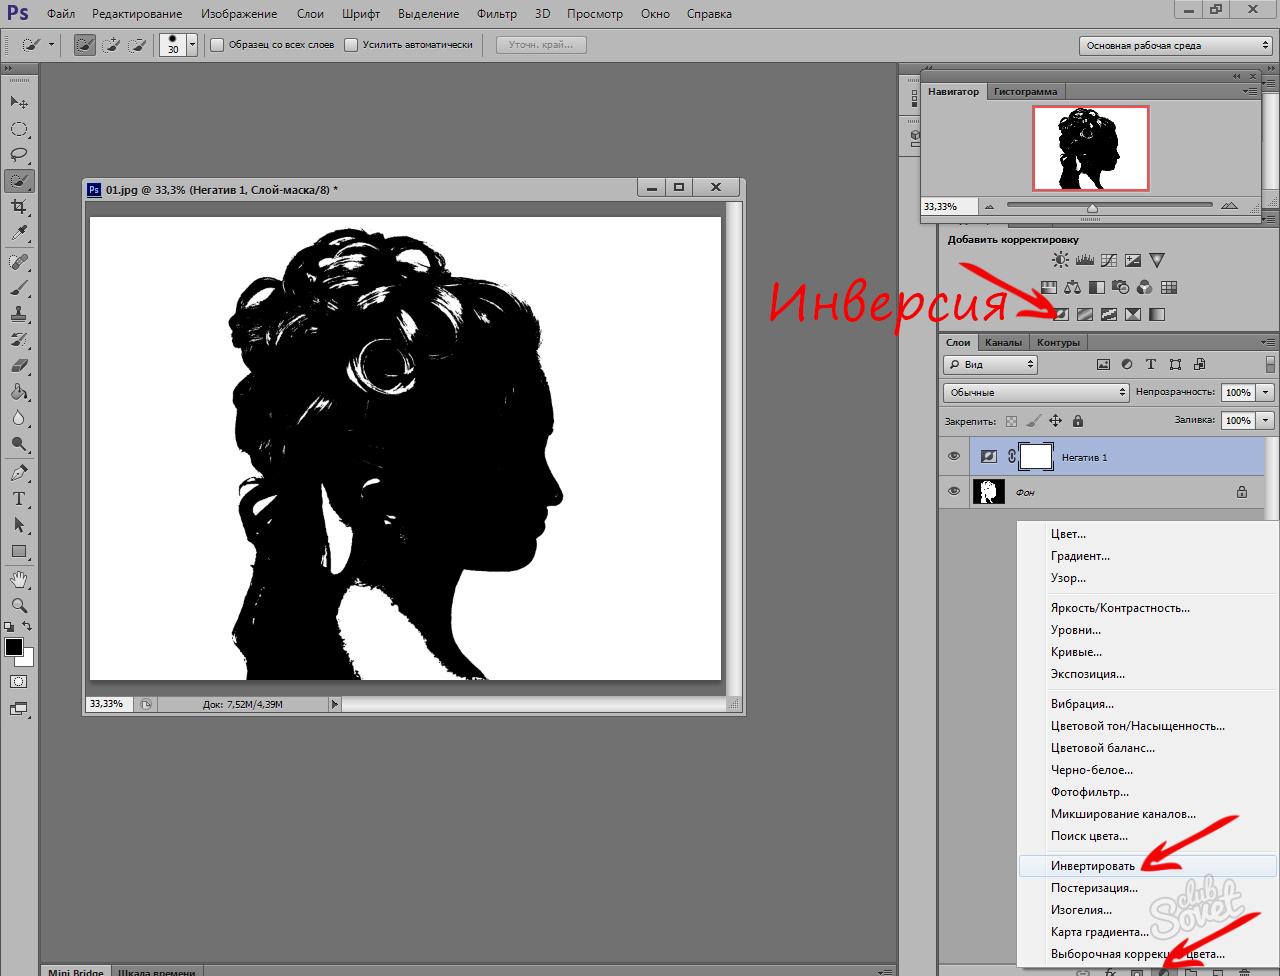 Как вырезать логотип с картинки в фотошопе, днем рождения мама